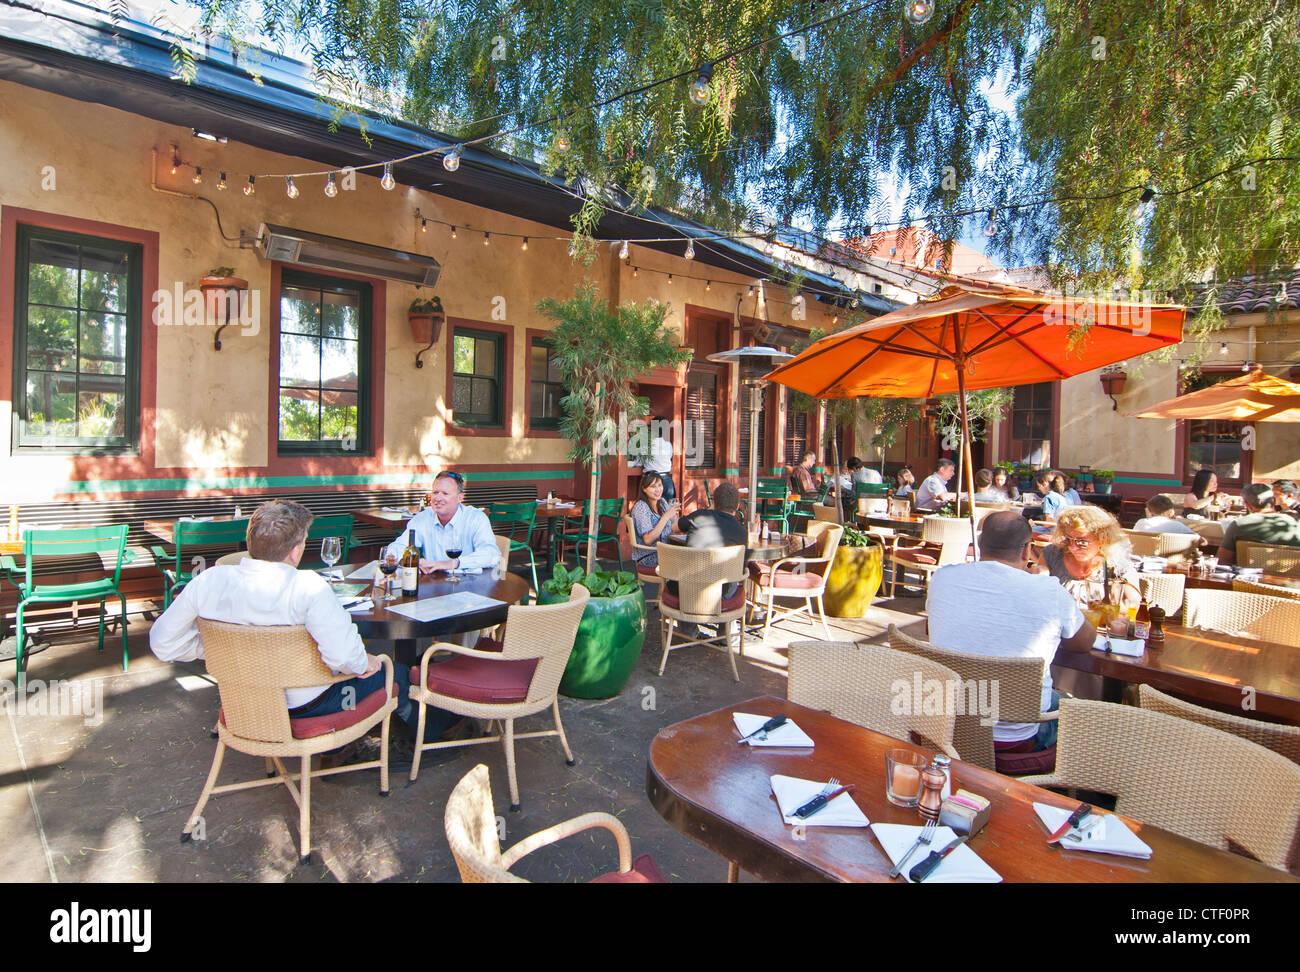 La Grande Orange Restaurant Outdoor Patio.